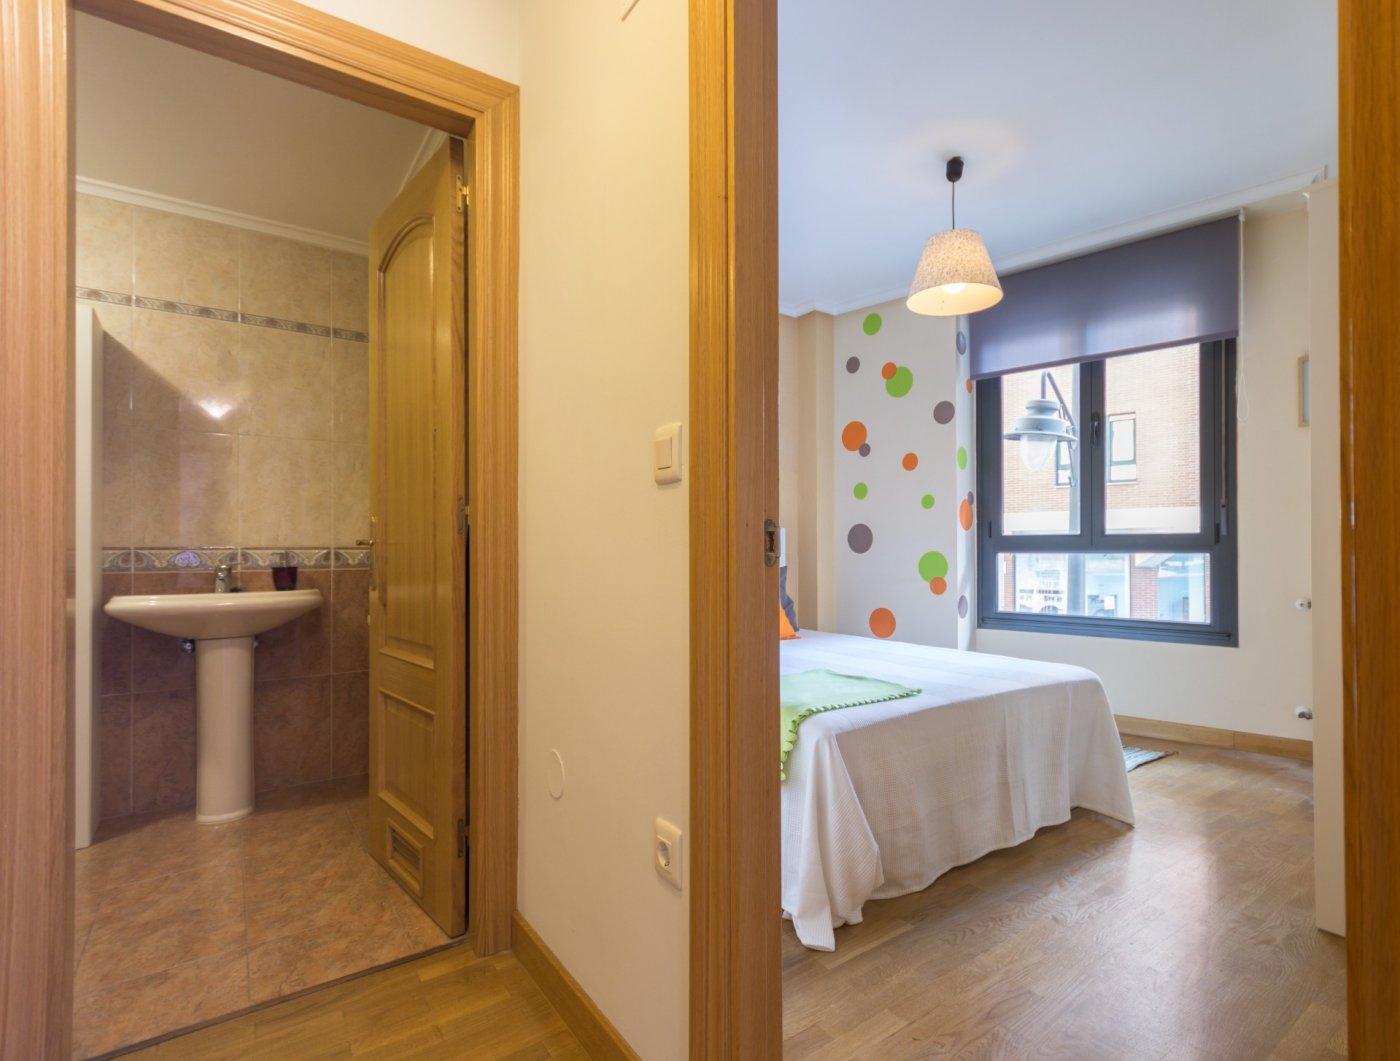 Apartamento seminuevo cerca de poniente - imagenInmueble24